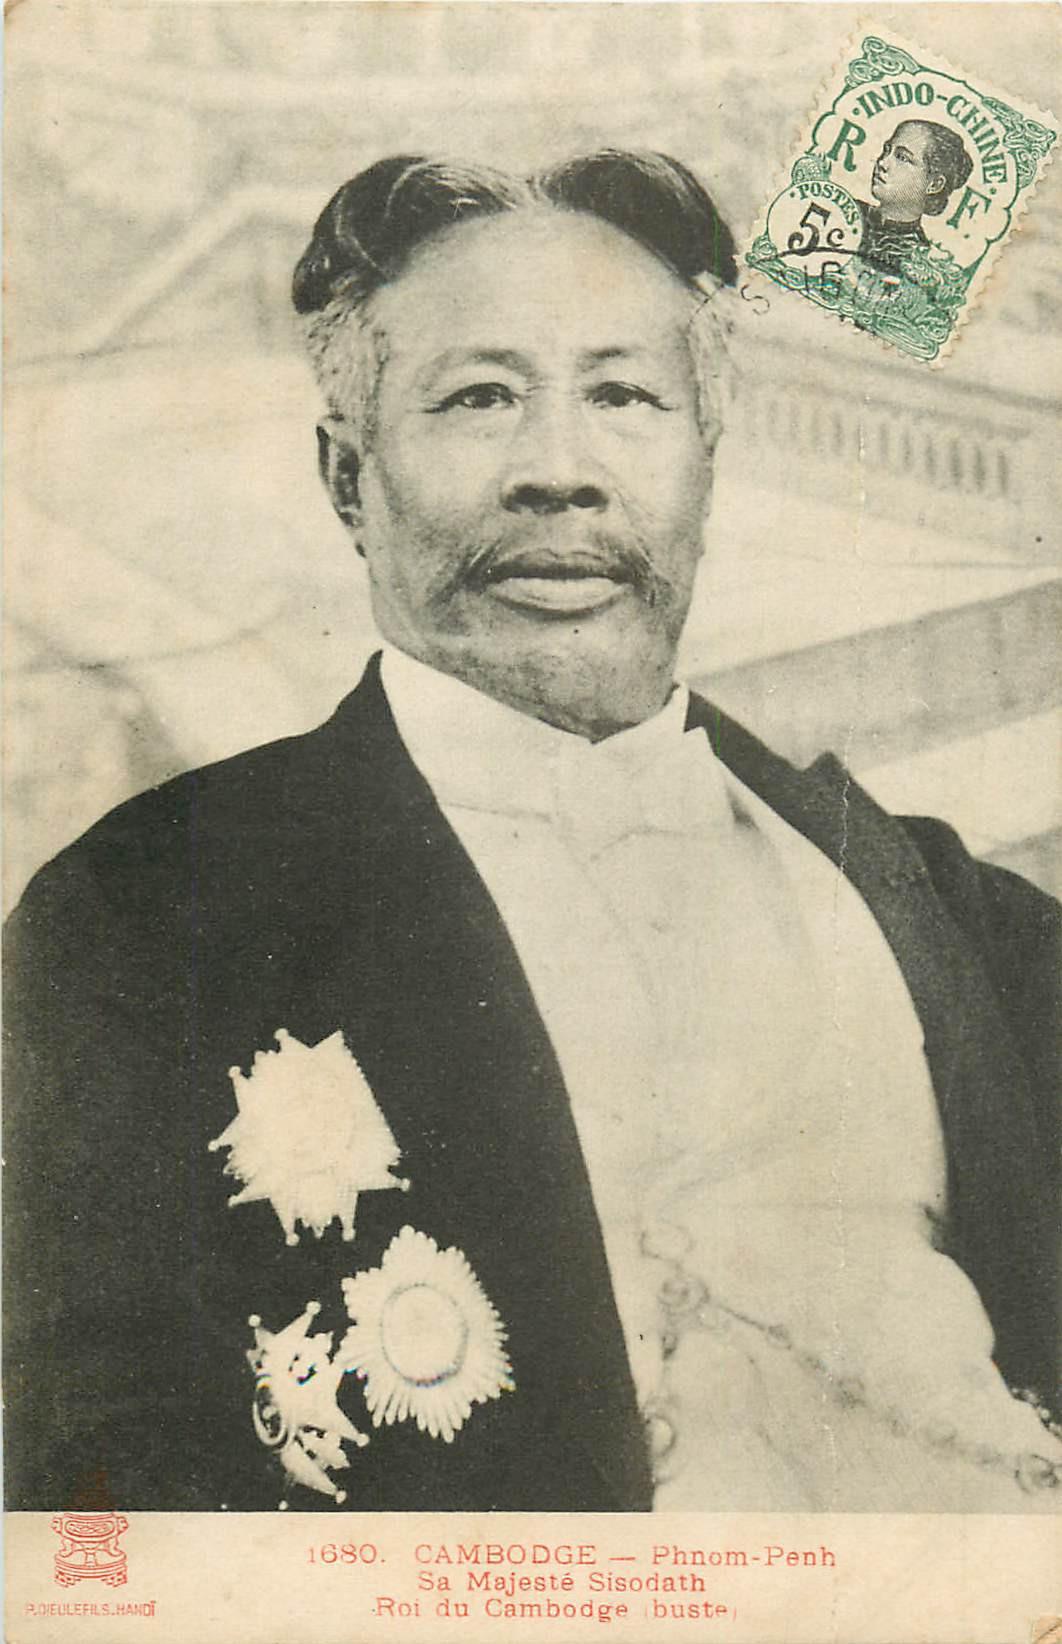 WW CELEBRITES. Sisodath Roi du Cambodge à Phnom-Penh